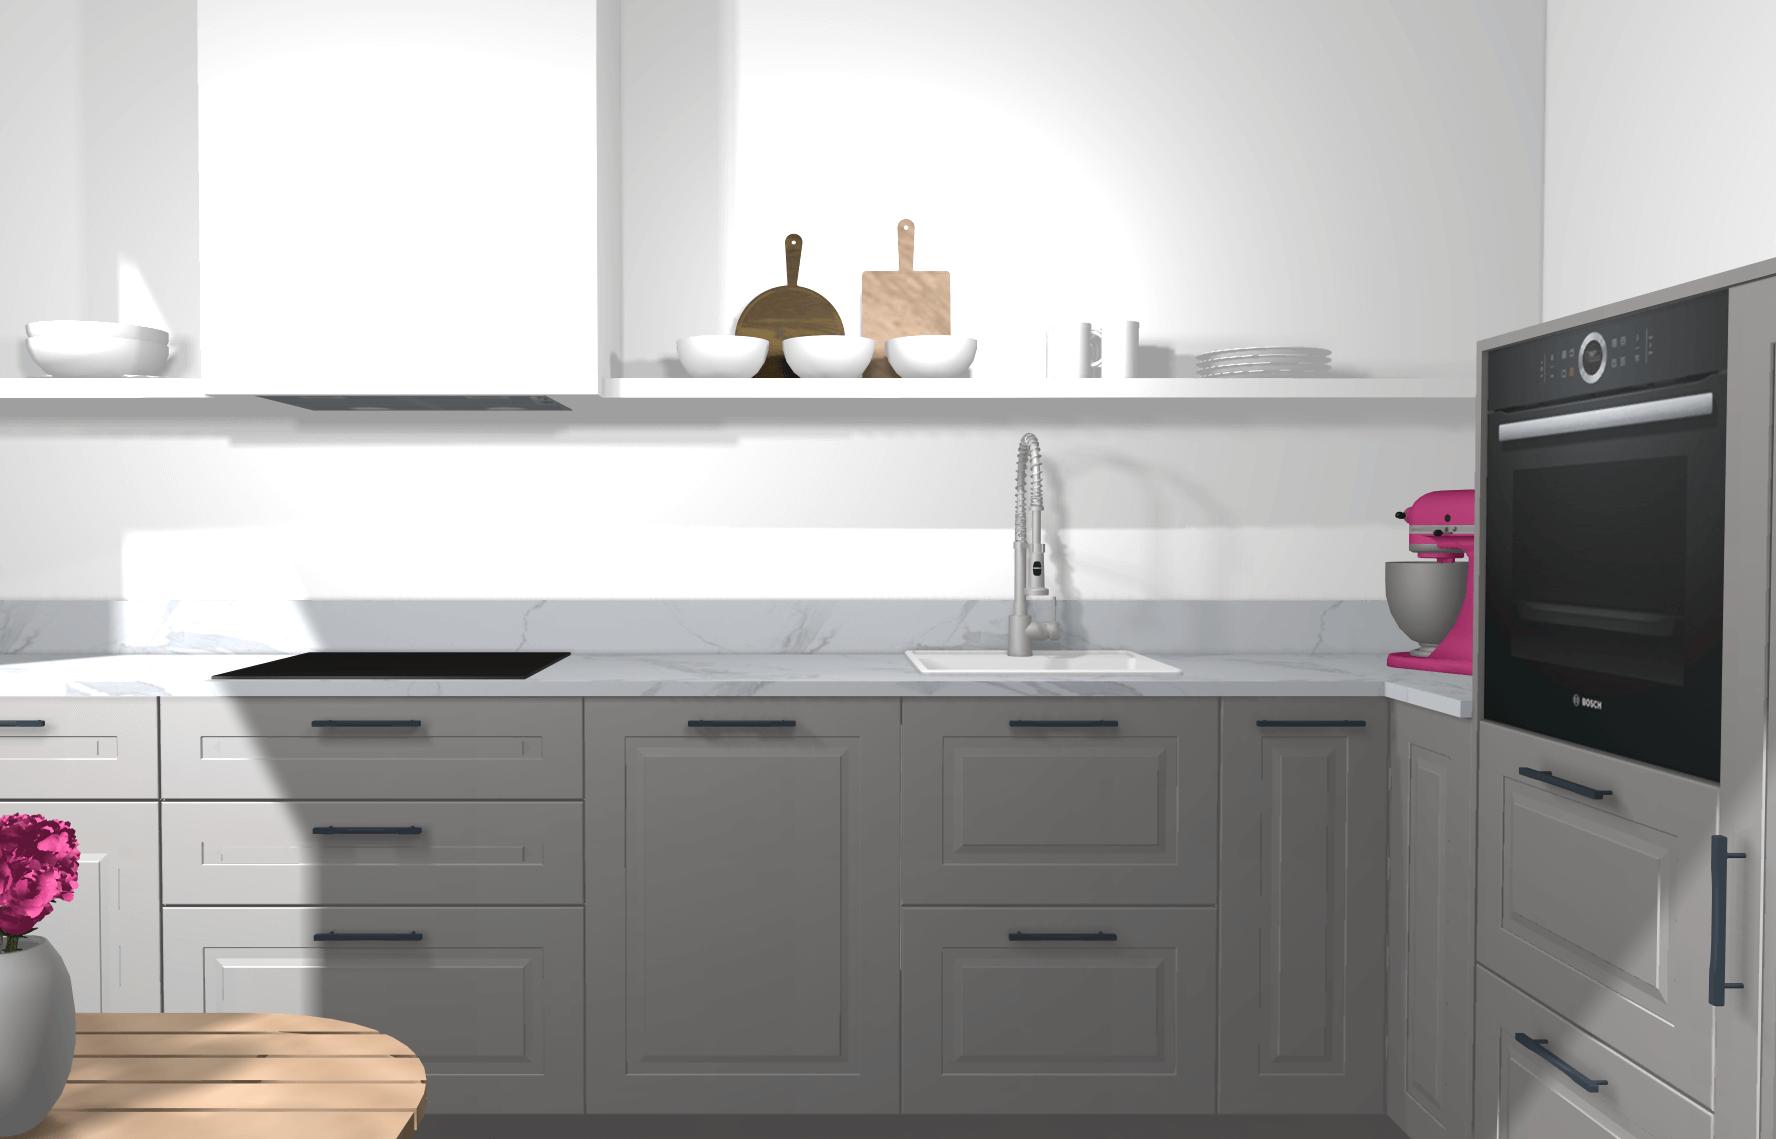 Full Size of Ikea Kche Planen Stylische Designerkche Mit Kleinem Budget Küche Gewinnen Hochglanz Holz Weiß Doppel Mülleimer Singelküche Abfalleimer Landküche Weisse Wohnzimmer Mobile Küche Ikea